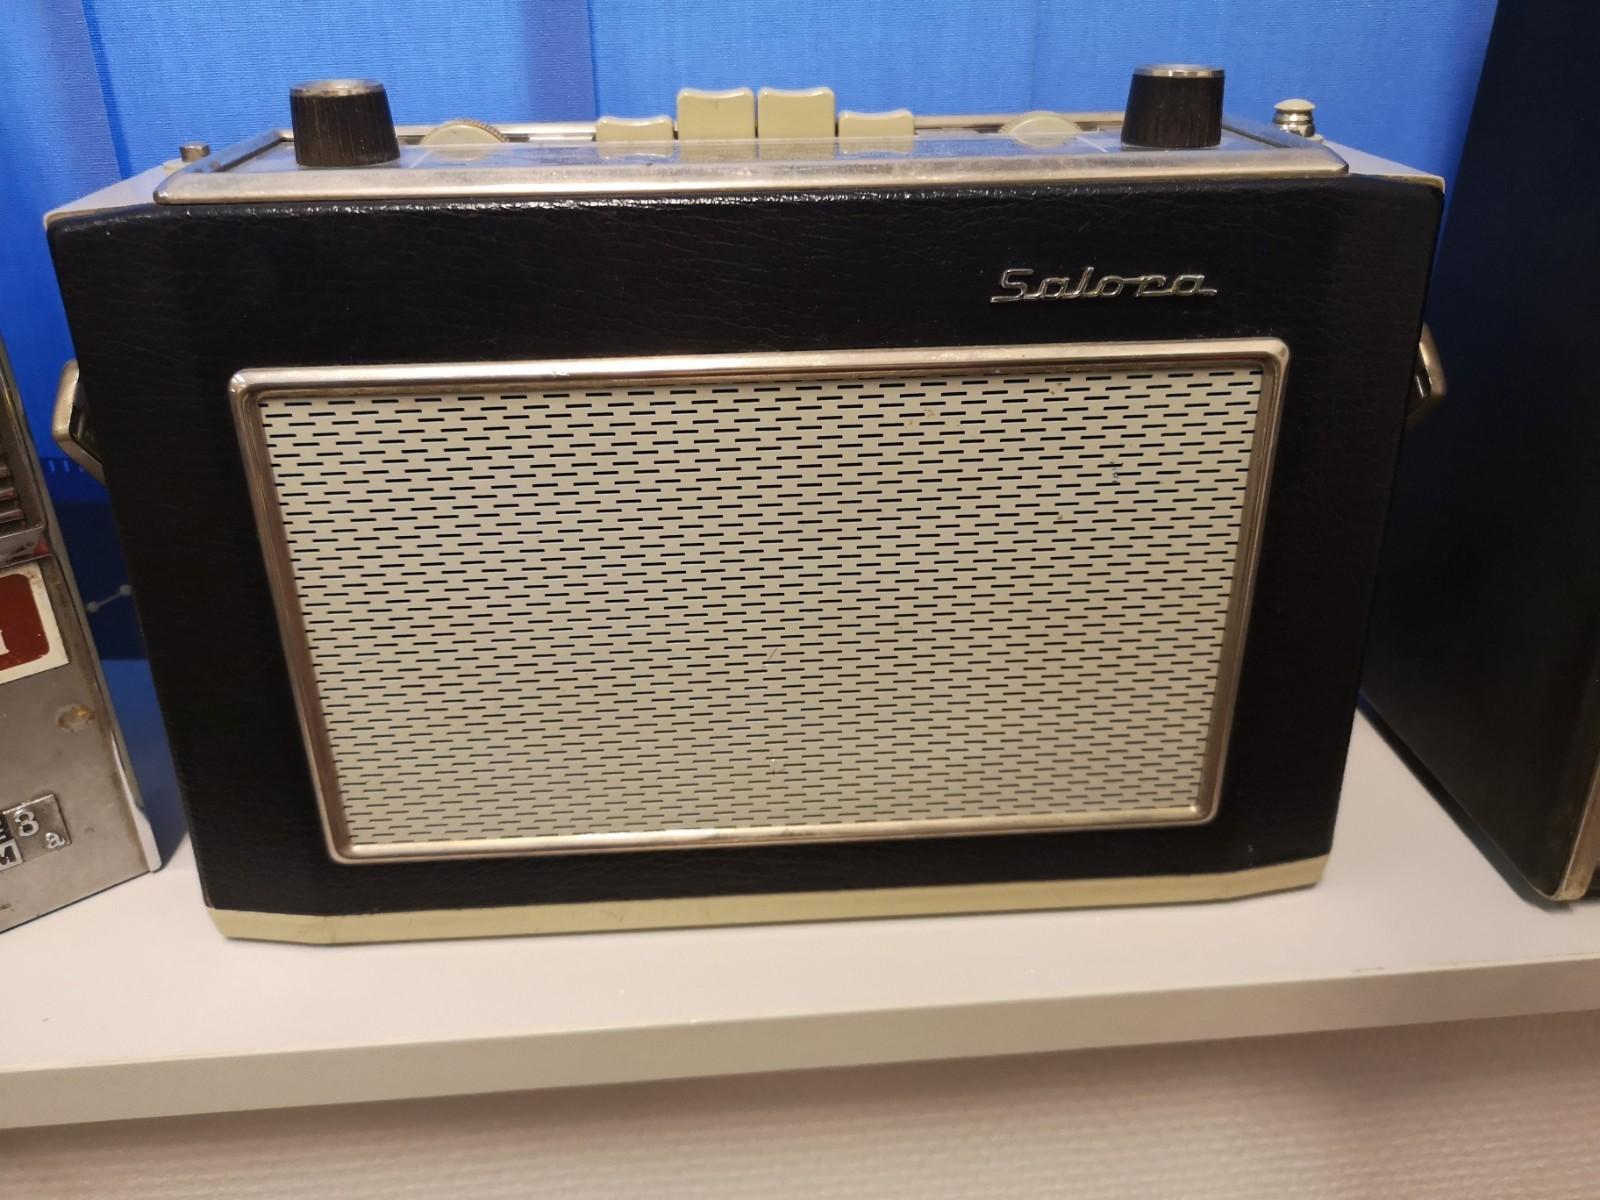 Salora Safir matkaradio